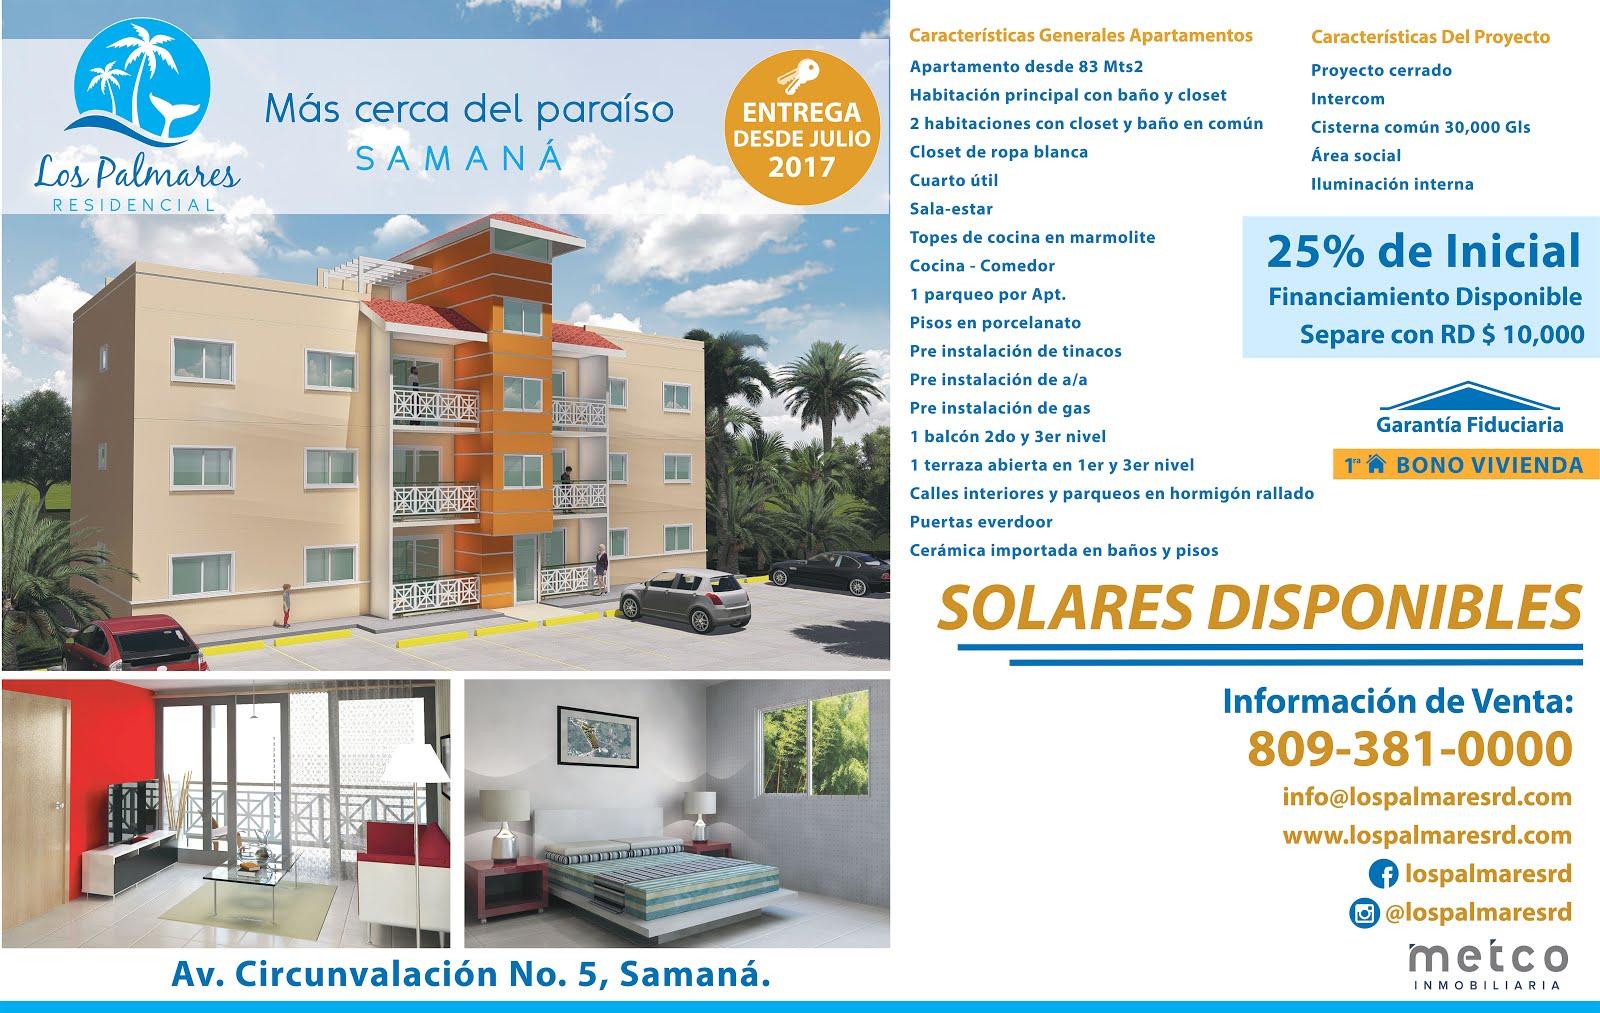 Residencial Los Palmares